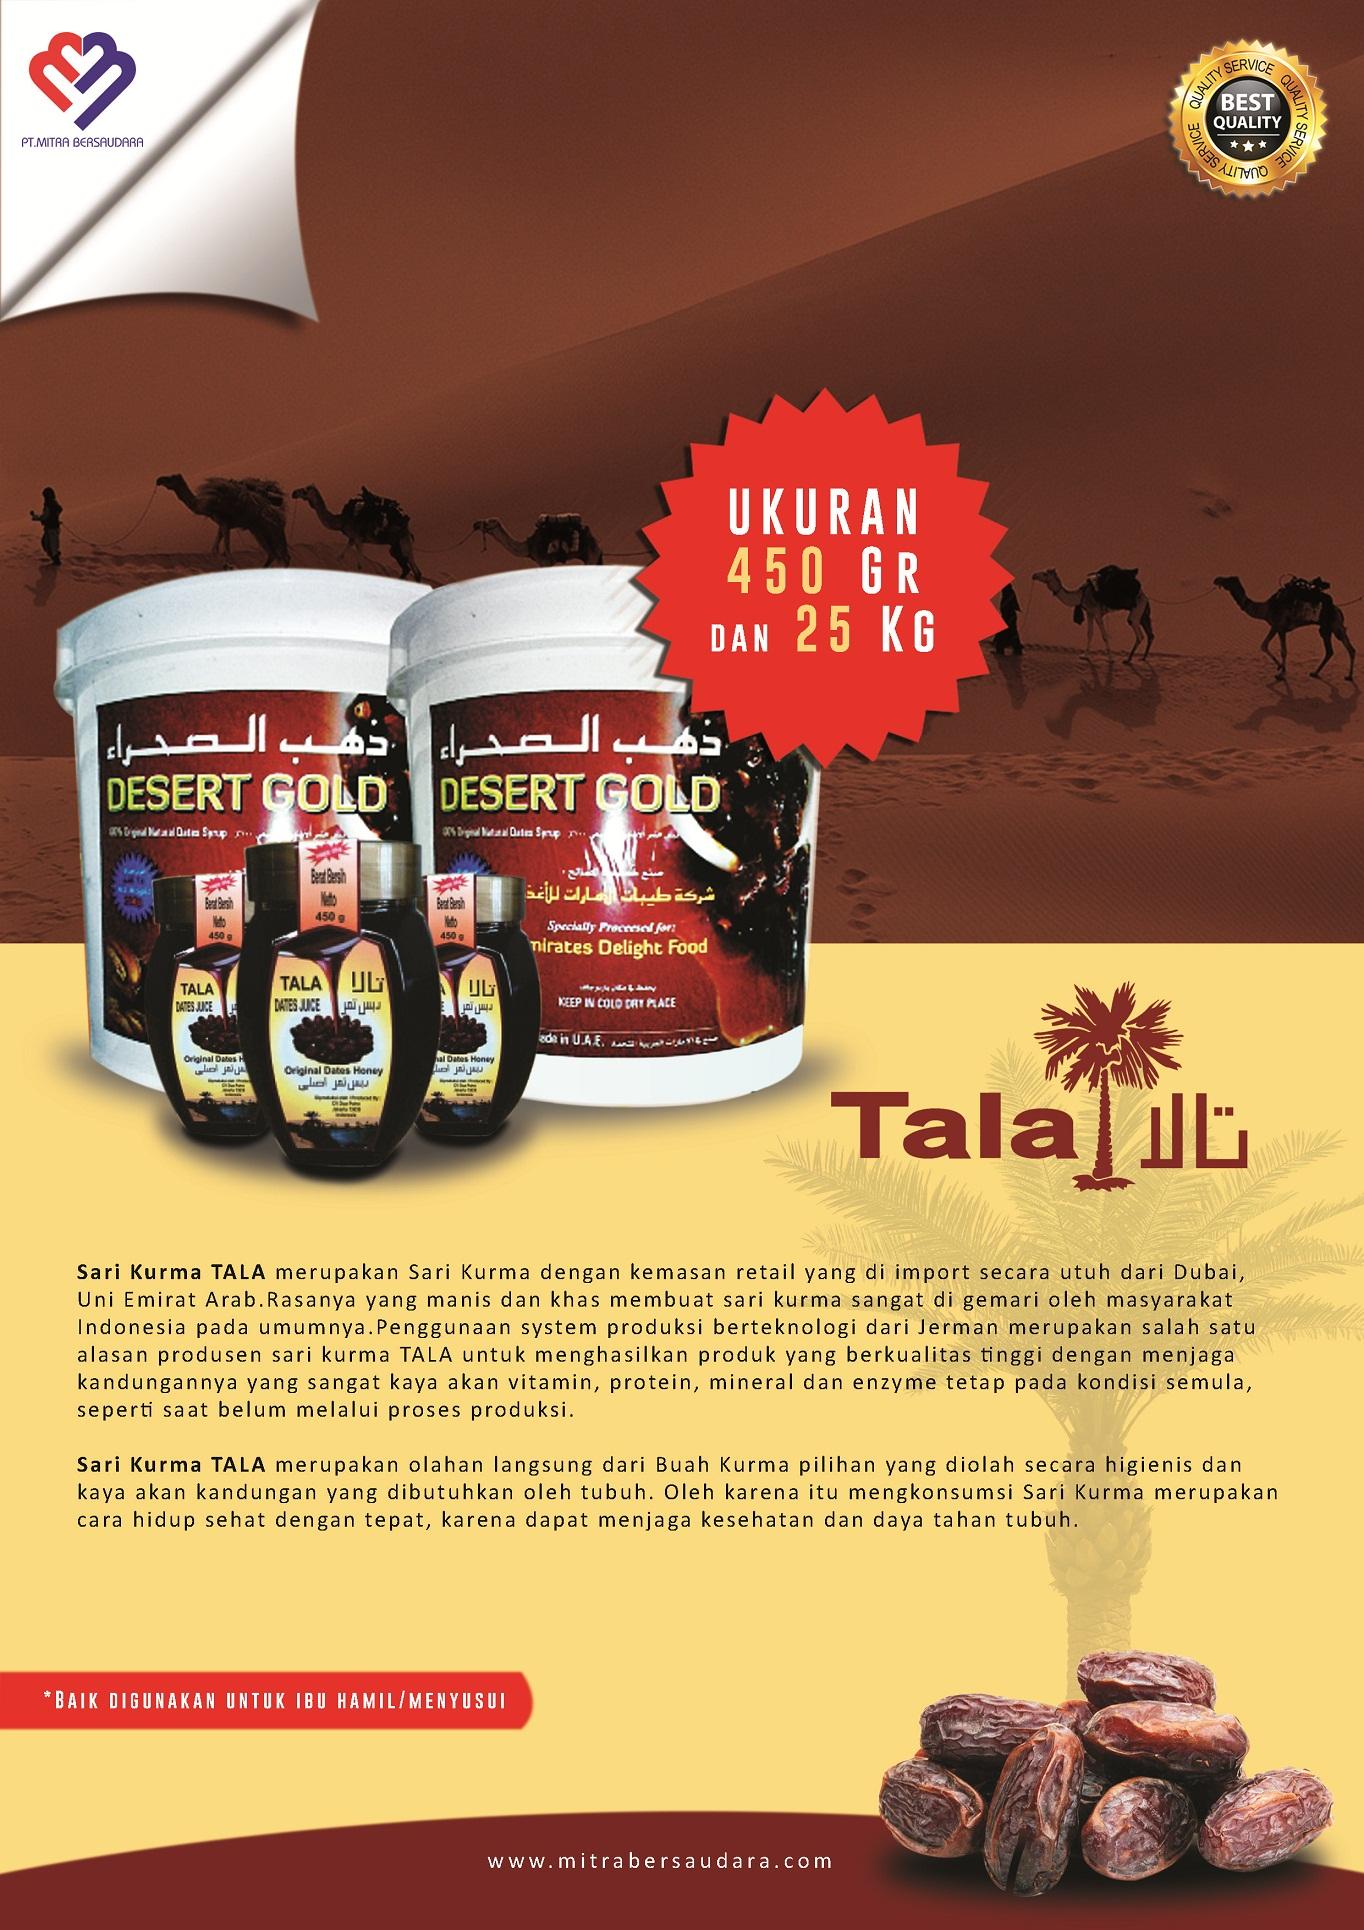 Mitra Bersaudara adalah distibutor Madu Malika Acacia Black Seed Natural, Minyak Zaitun Afra, Selva, Al-Amir, Orosol, Orkide, Sari Kurma Tala